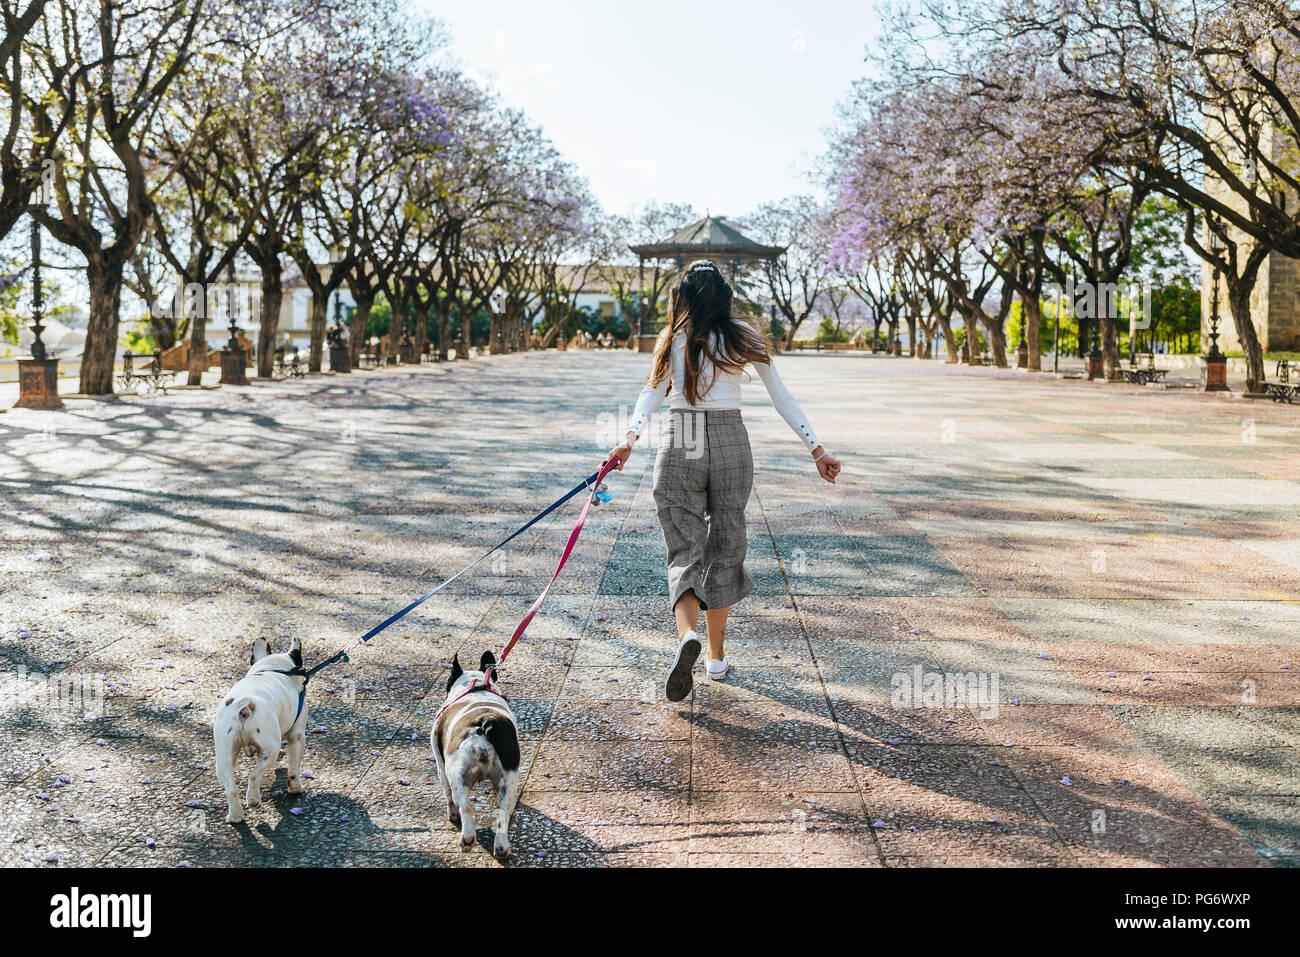 Spagna, Andalusia, Jerez de la Frontera, Donna in esecuzione con due cani su square Immagini Stock